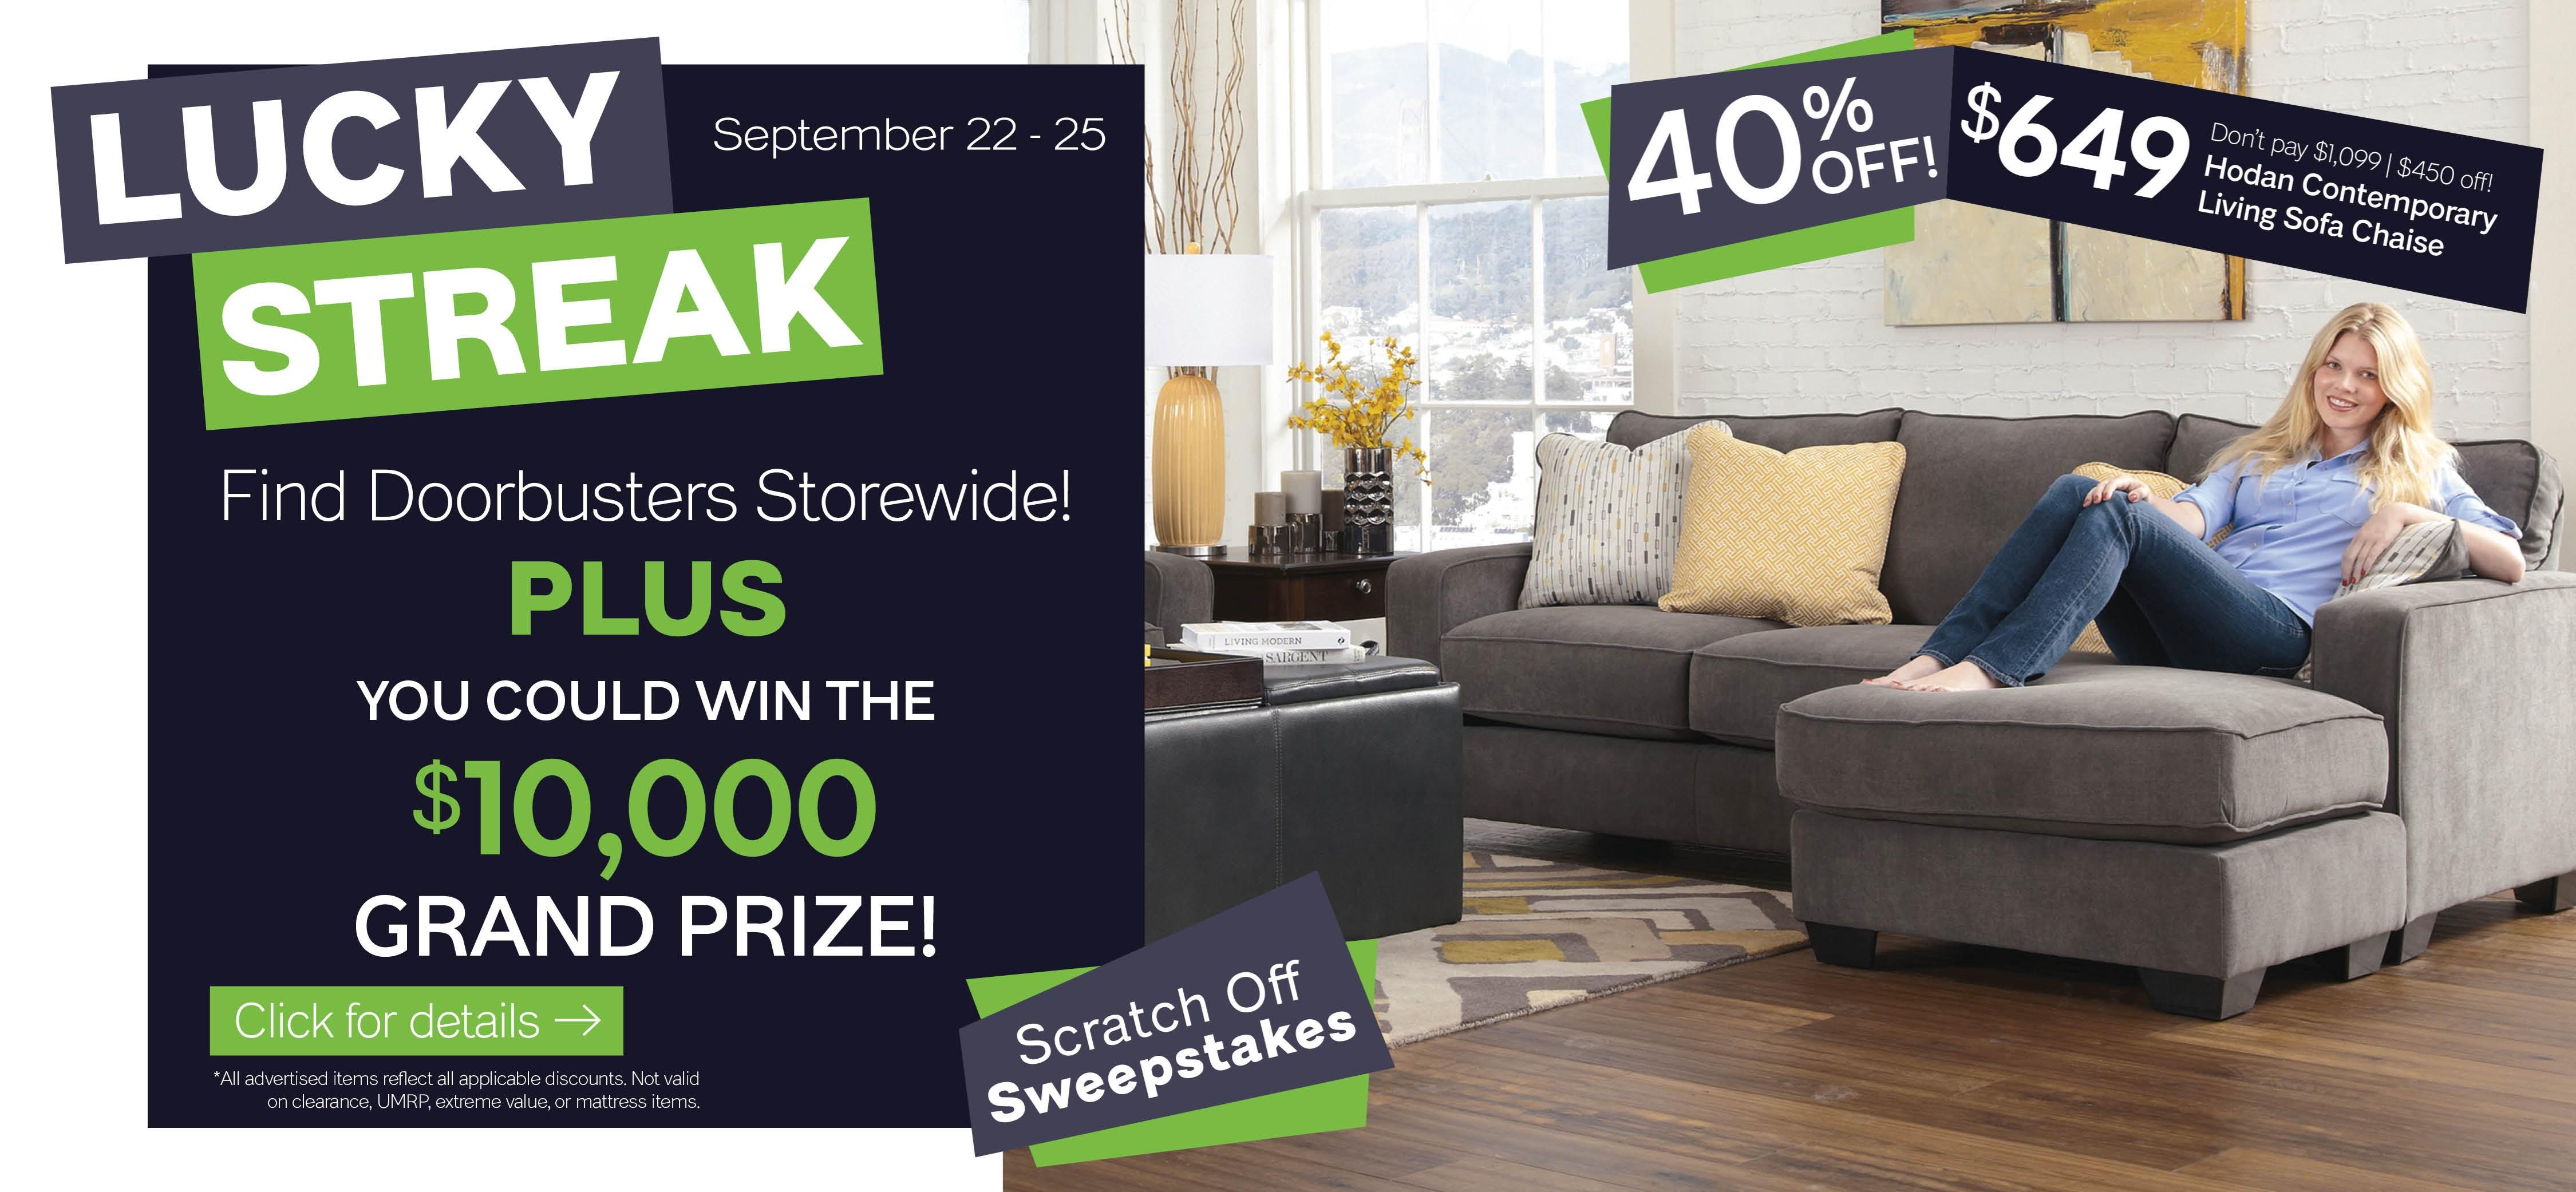 Furniture & ApplianceMart Lucky Streak